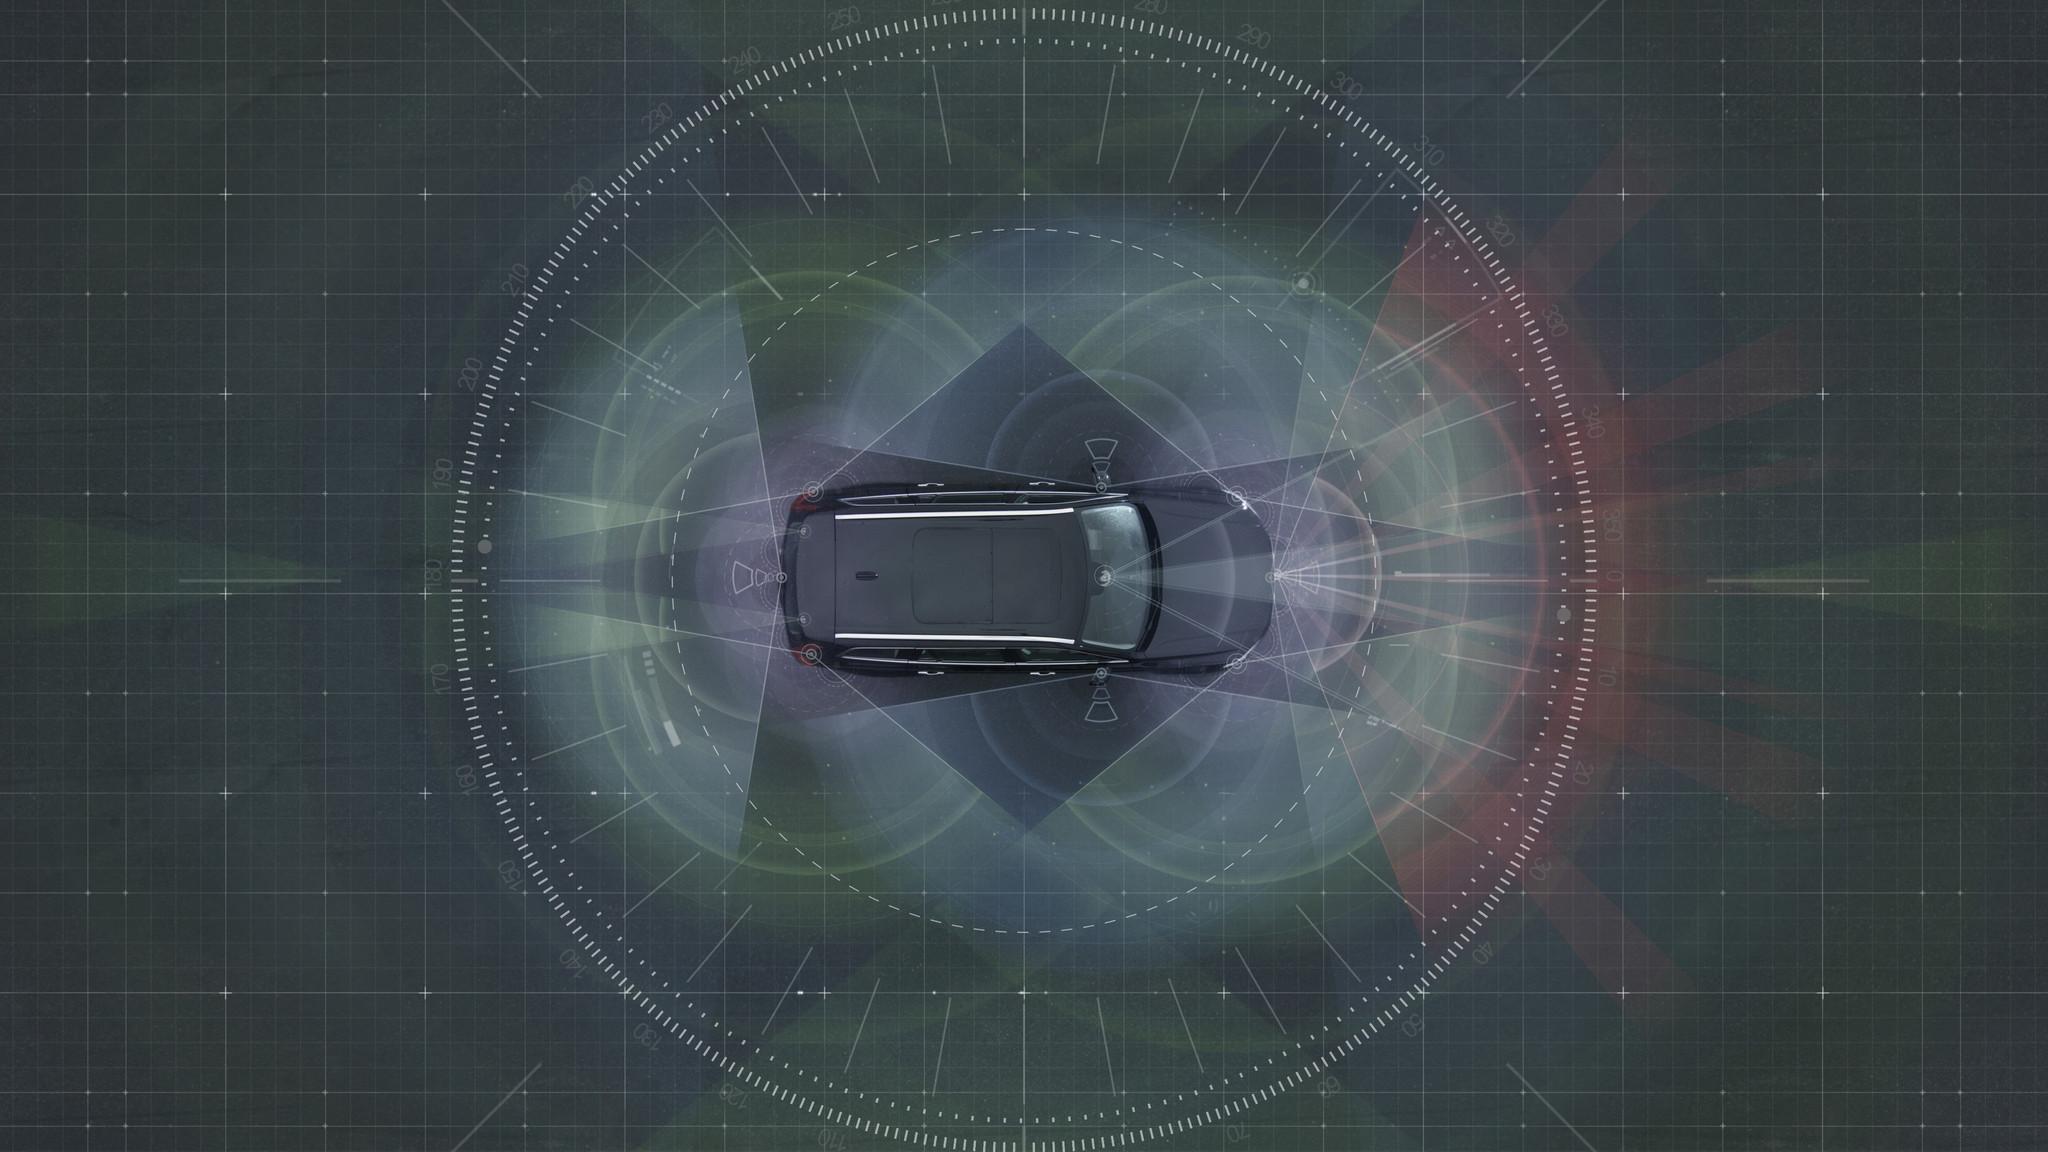 158389_Autonomous_drive_technology_Complete_system_solution.jpg